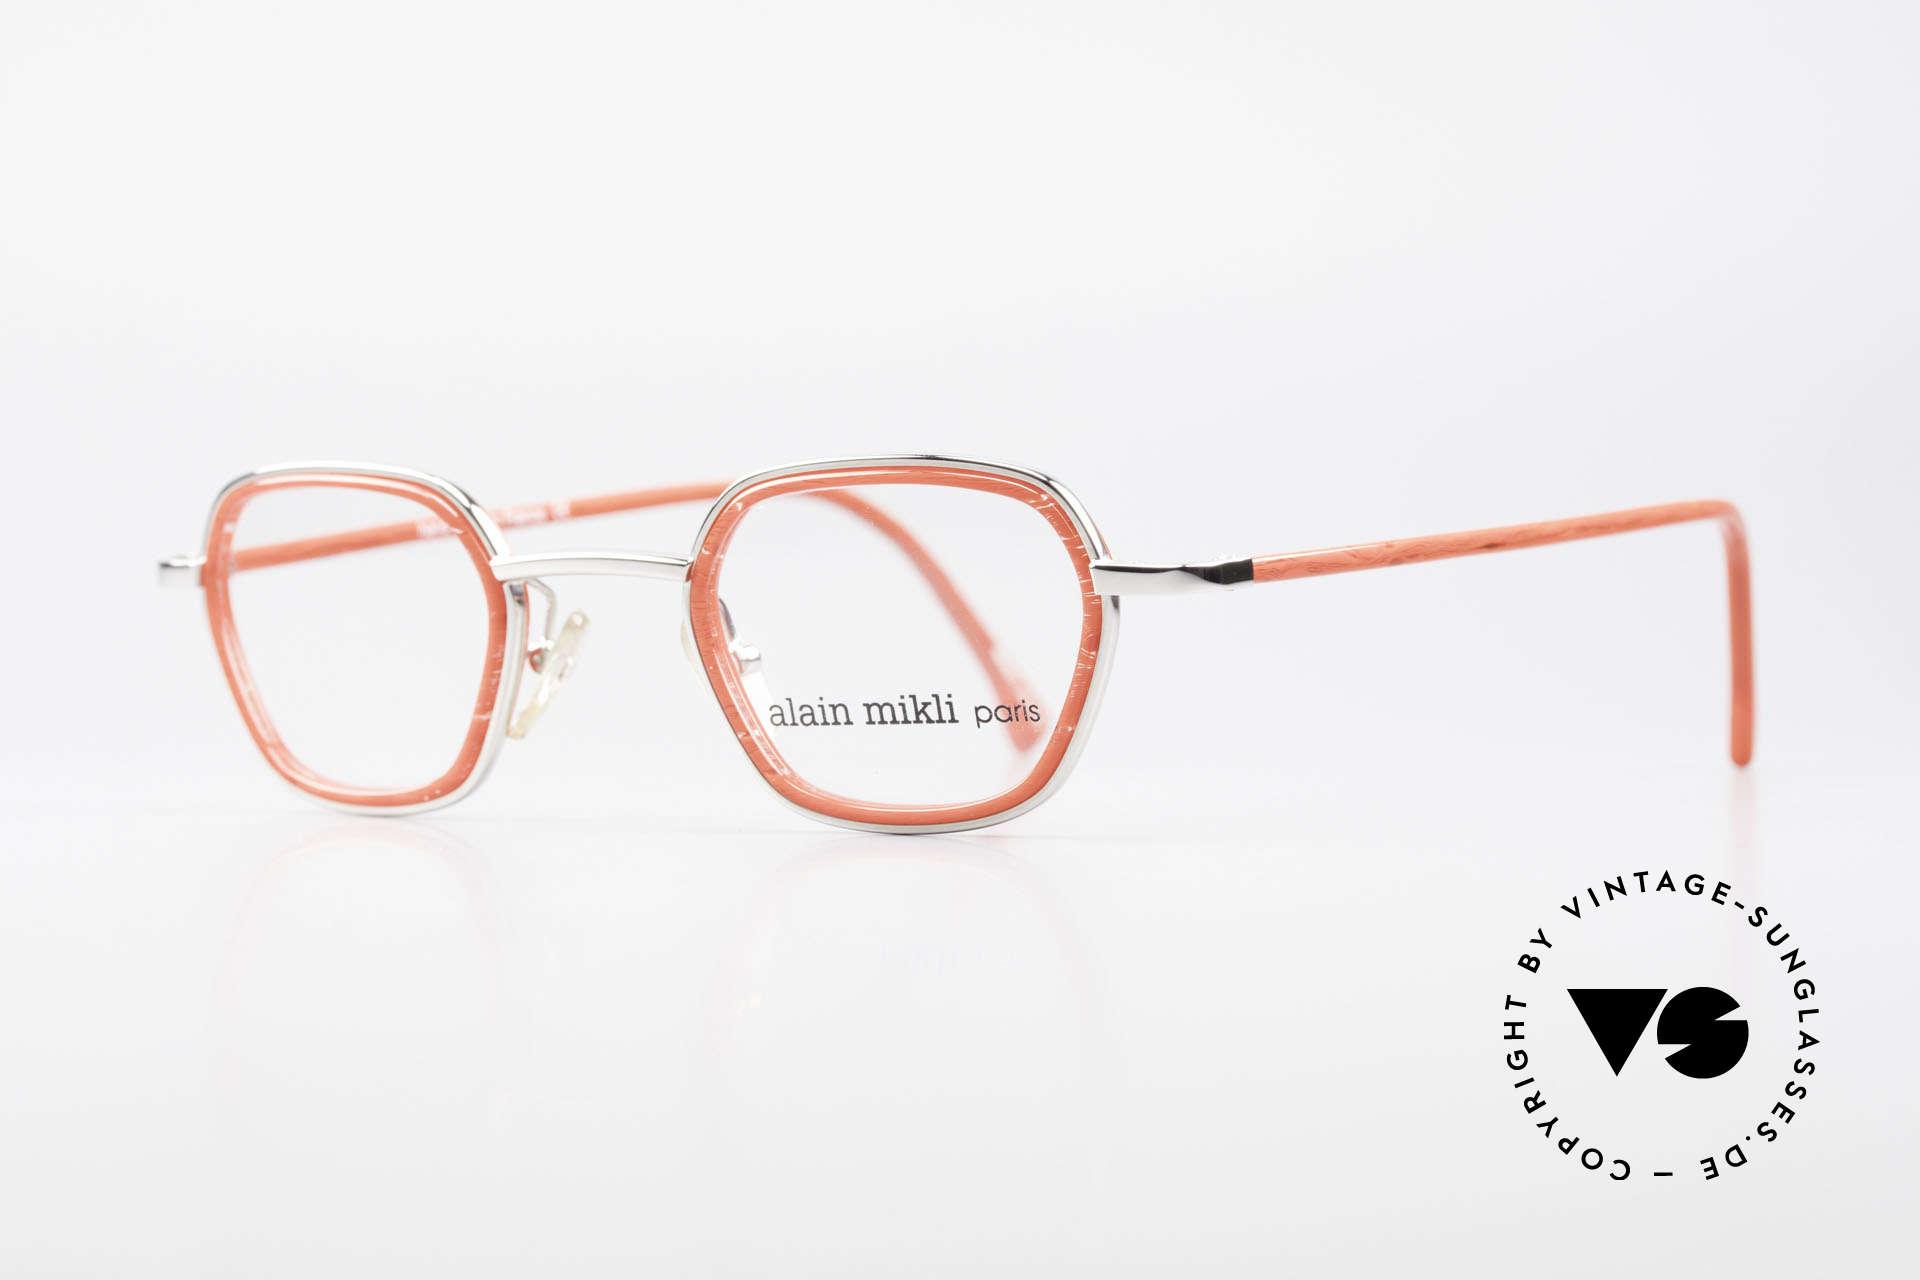 Alain Mikli 1642 / 1006 Vintage Brille In Mikli Rot, ein außergewöhnliches vintage Modell für Damen, Passend für Damen